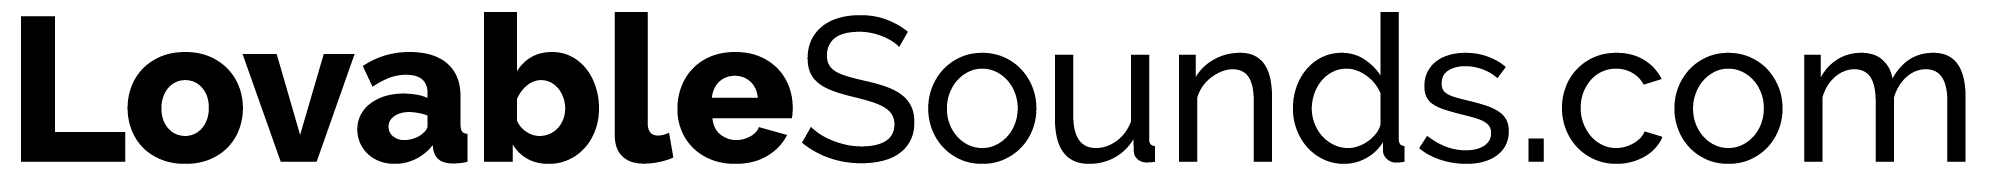 LovableSounds.com logo